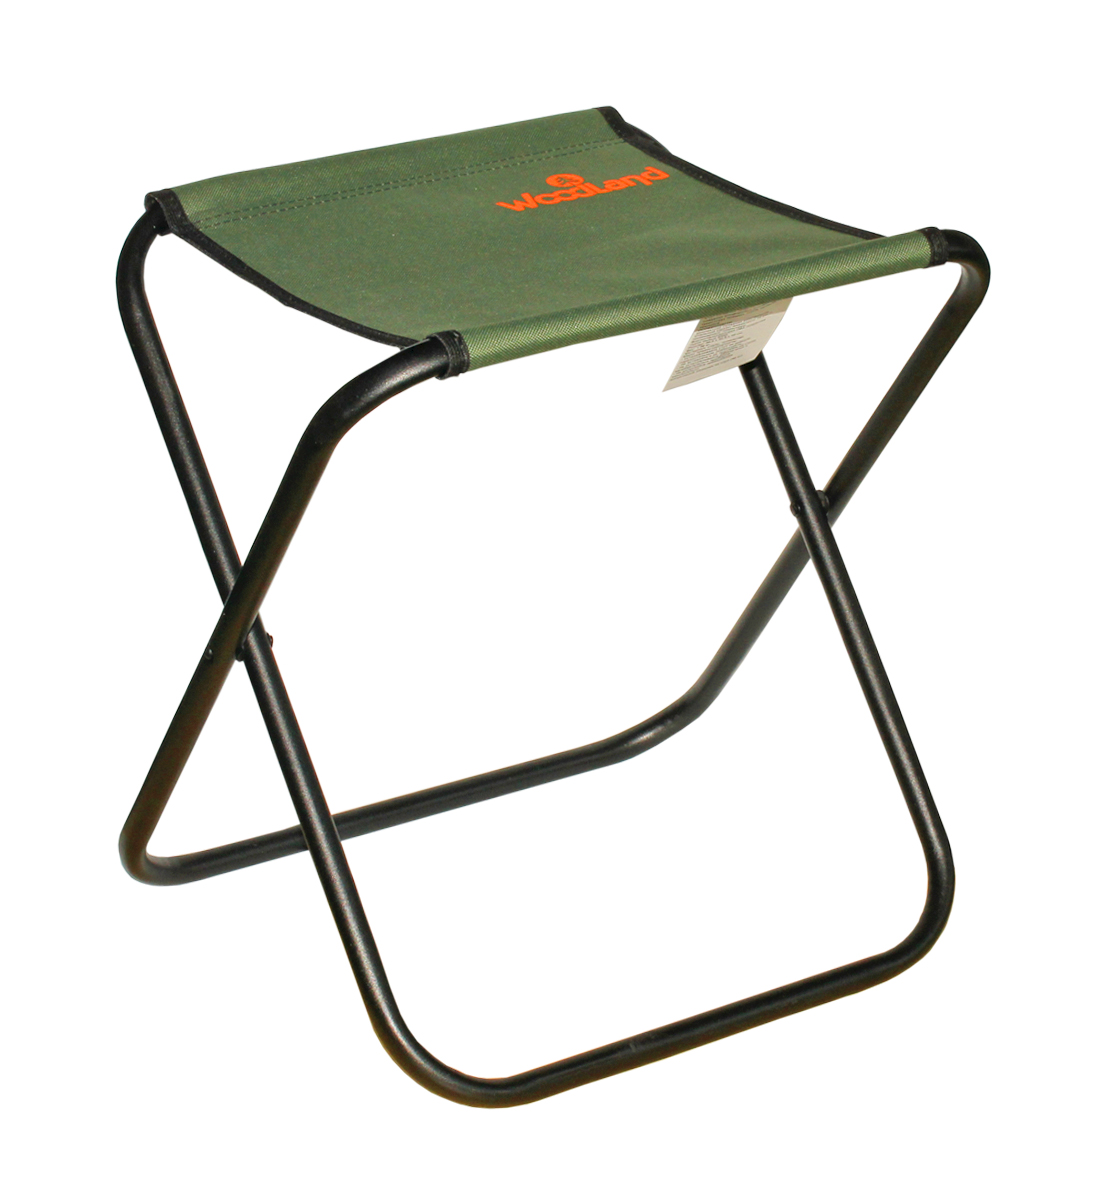 Стул Compact Light 38,5x32,5x40 cм(сталь)Стулья, кресла<br>Прочный стальной каркас ? 16 мм Водоотталкивающее <br>ПВХ покрытие ткани Oxford 600D Максимально допустимая <br>нагрузка 90 кг Вес 1,28 кг<br>